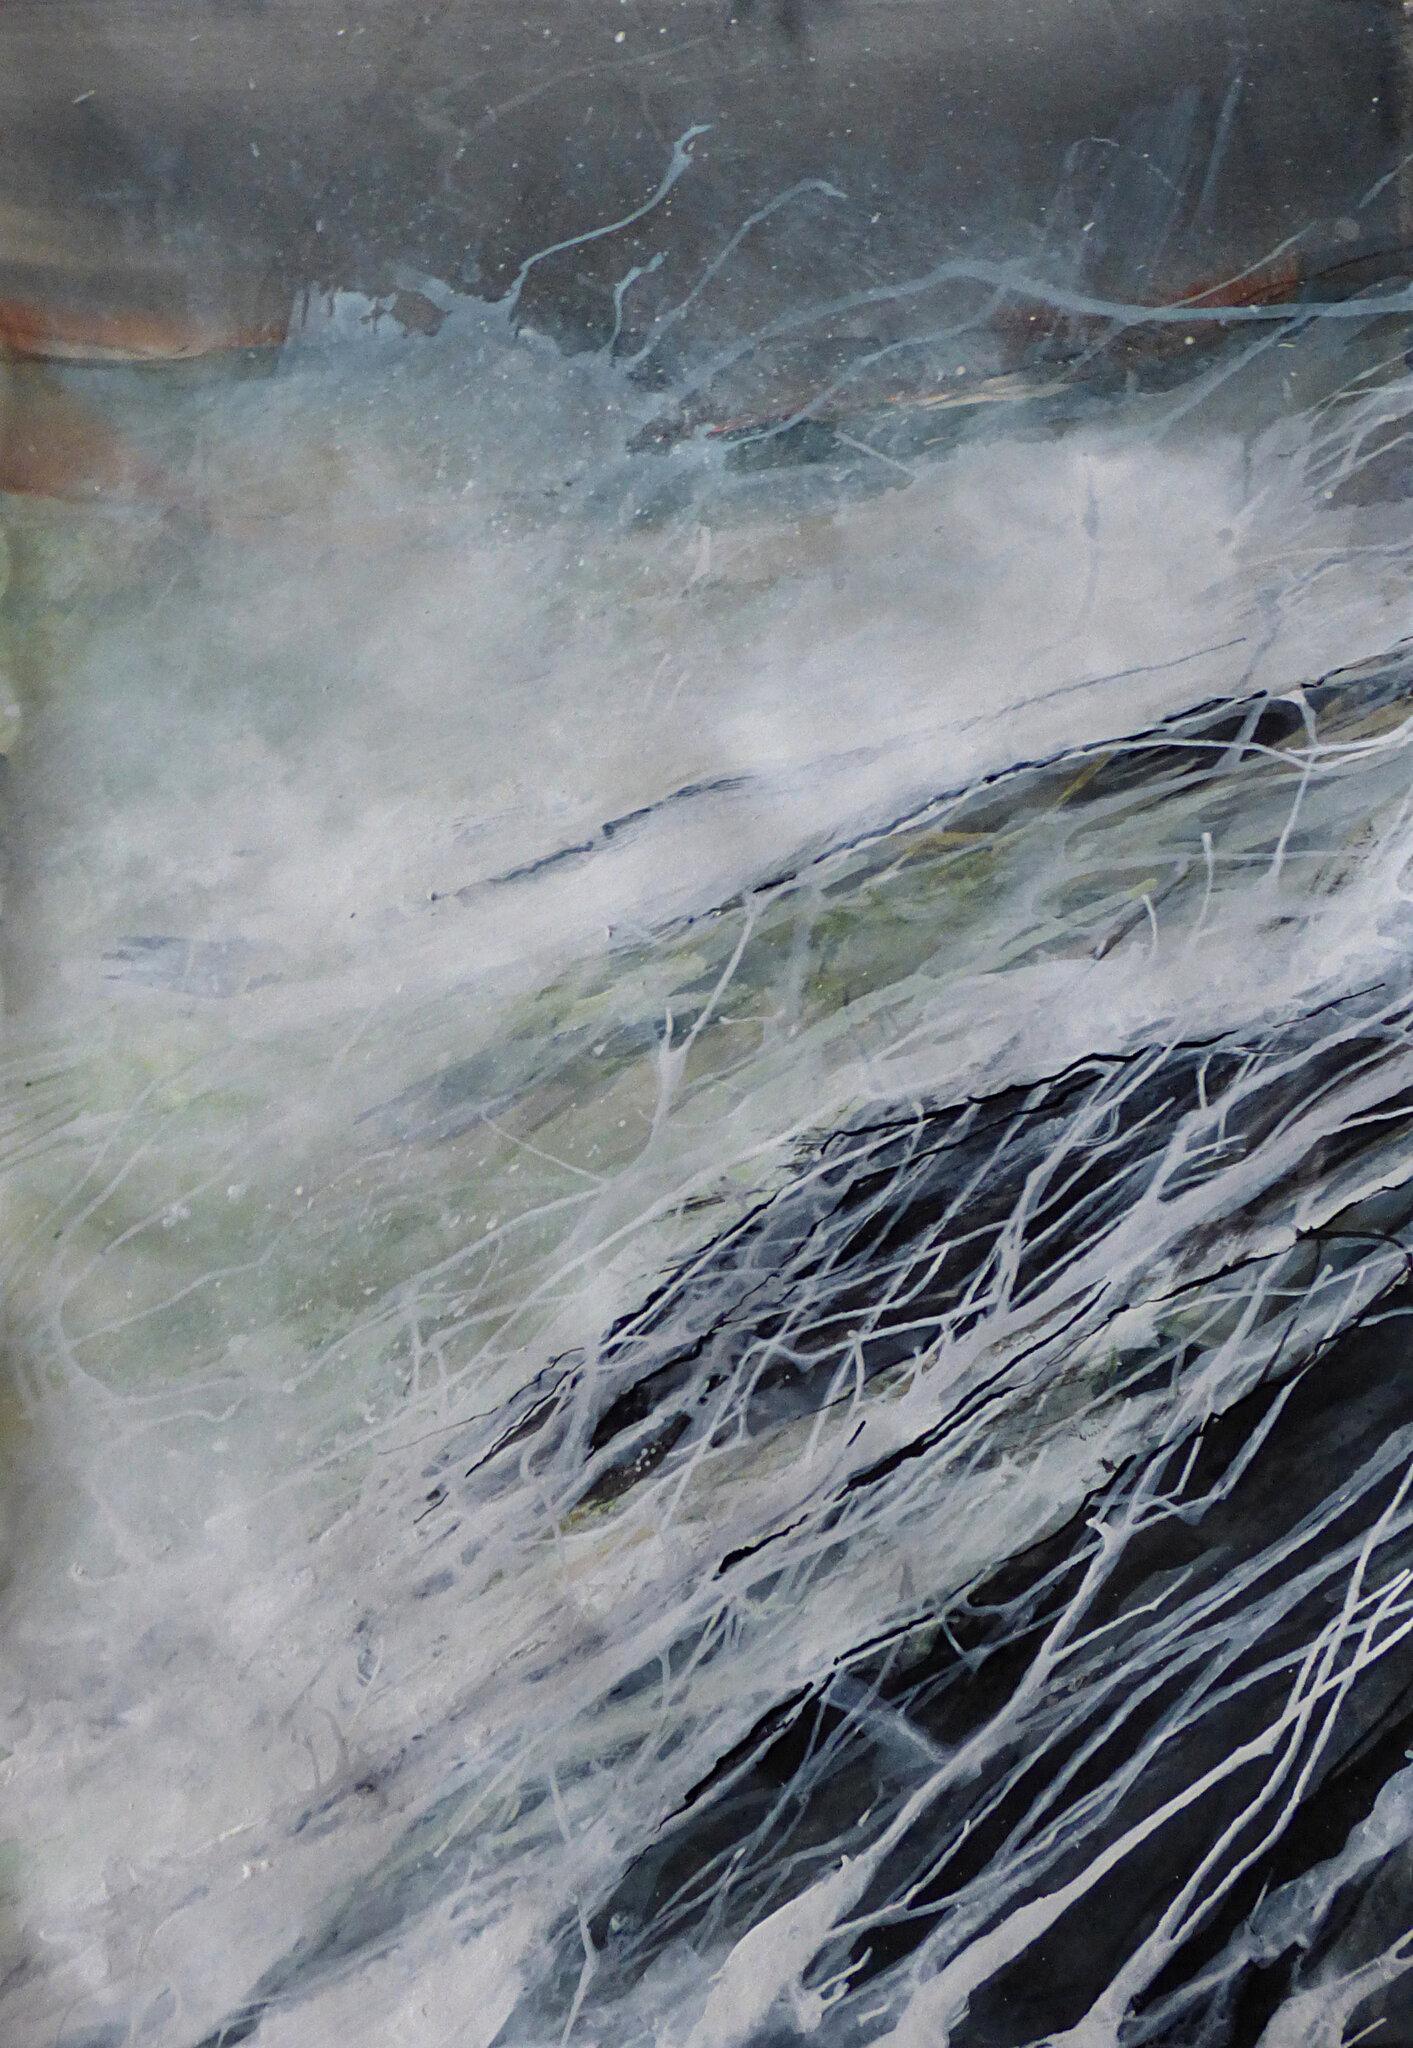 Sédition sur la Côte sauvage 3, mars 2017, encre sur papier, 59 x 42 cm